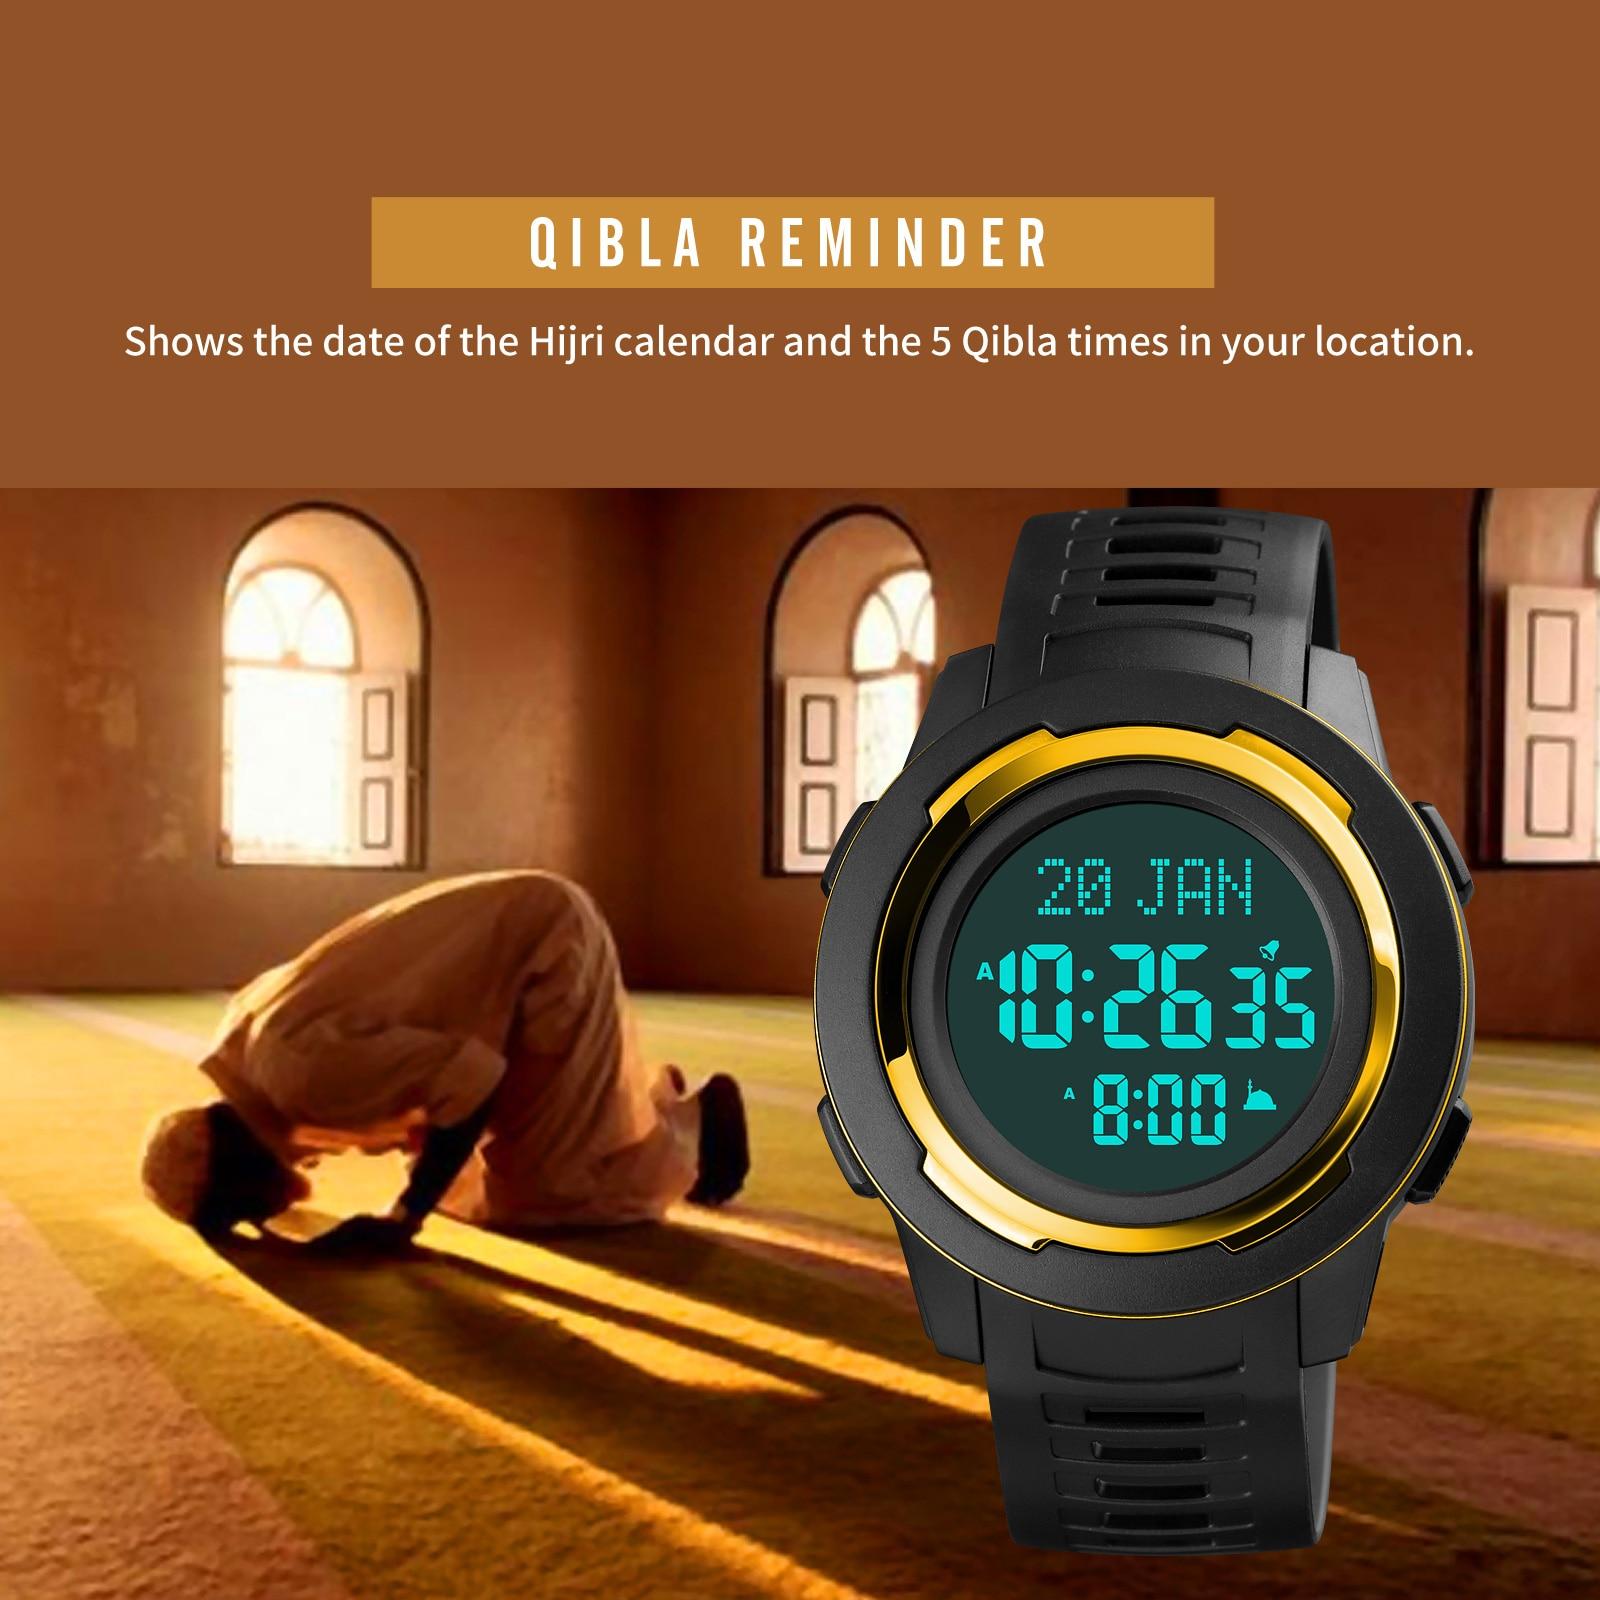 Relógios de Pulso Wach para Masculino Skmei Qibla Masculino Relógios Bússola Muçulmano Esportes Homem Digital Direção Cidade Seleção Reloj